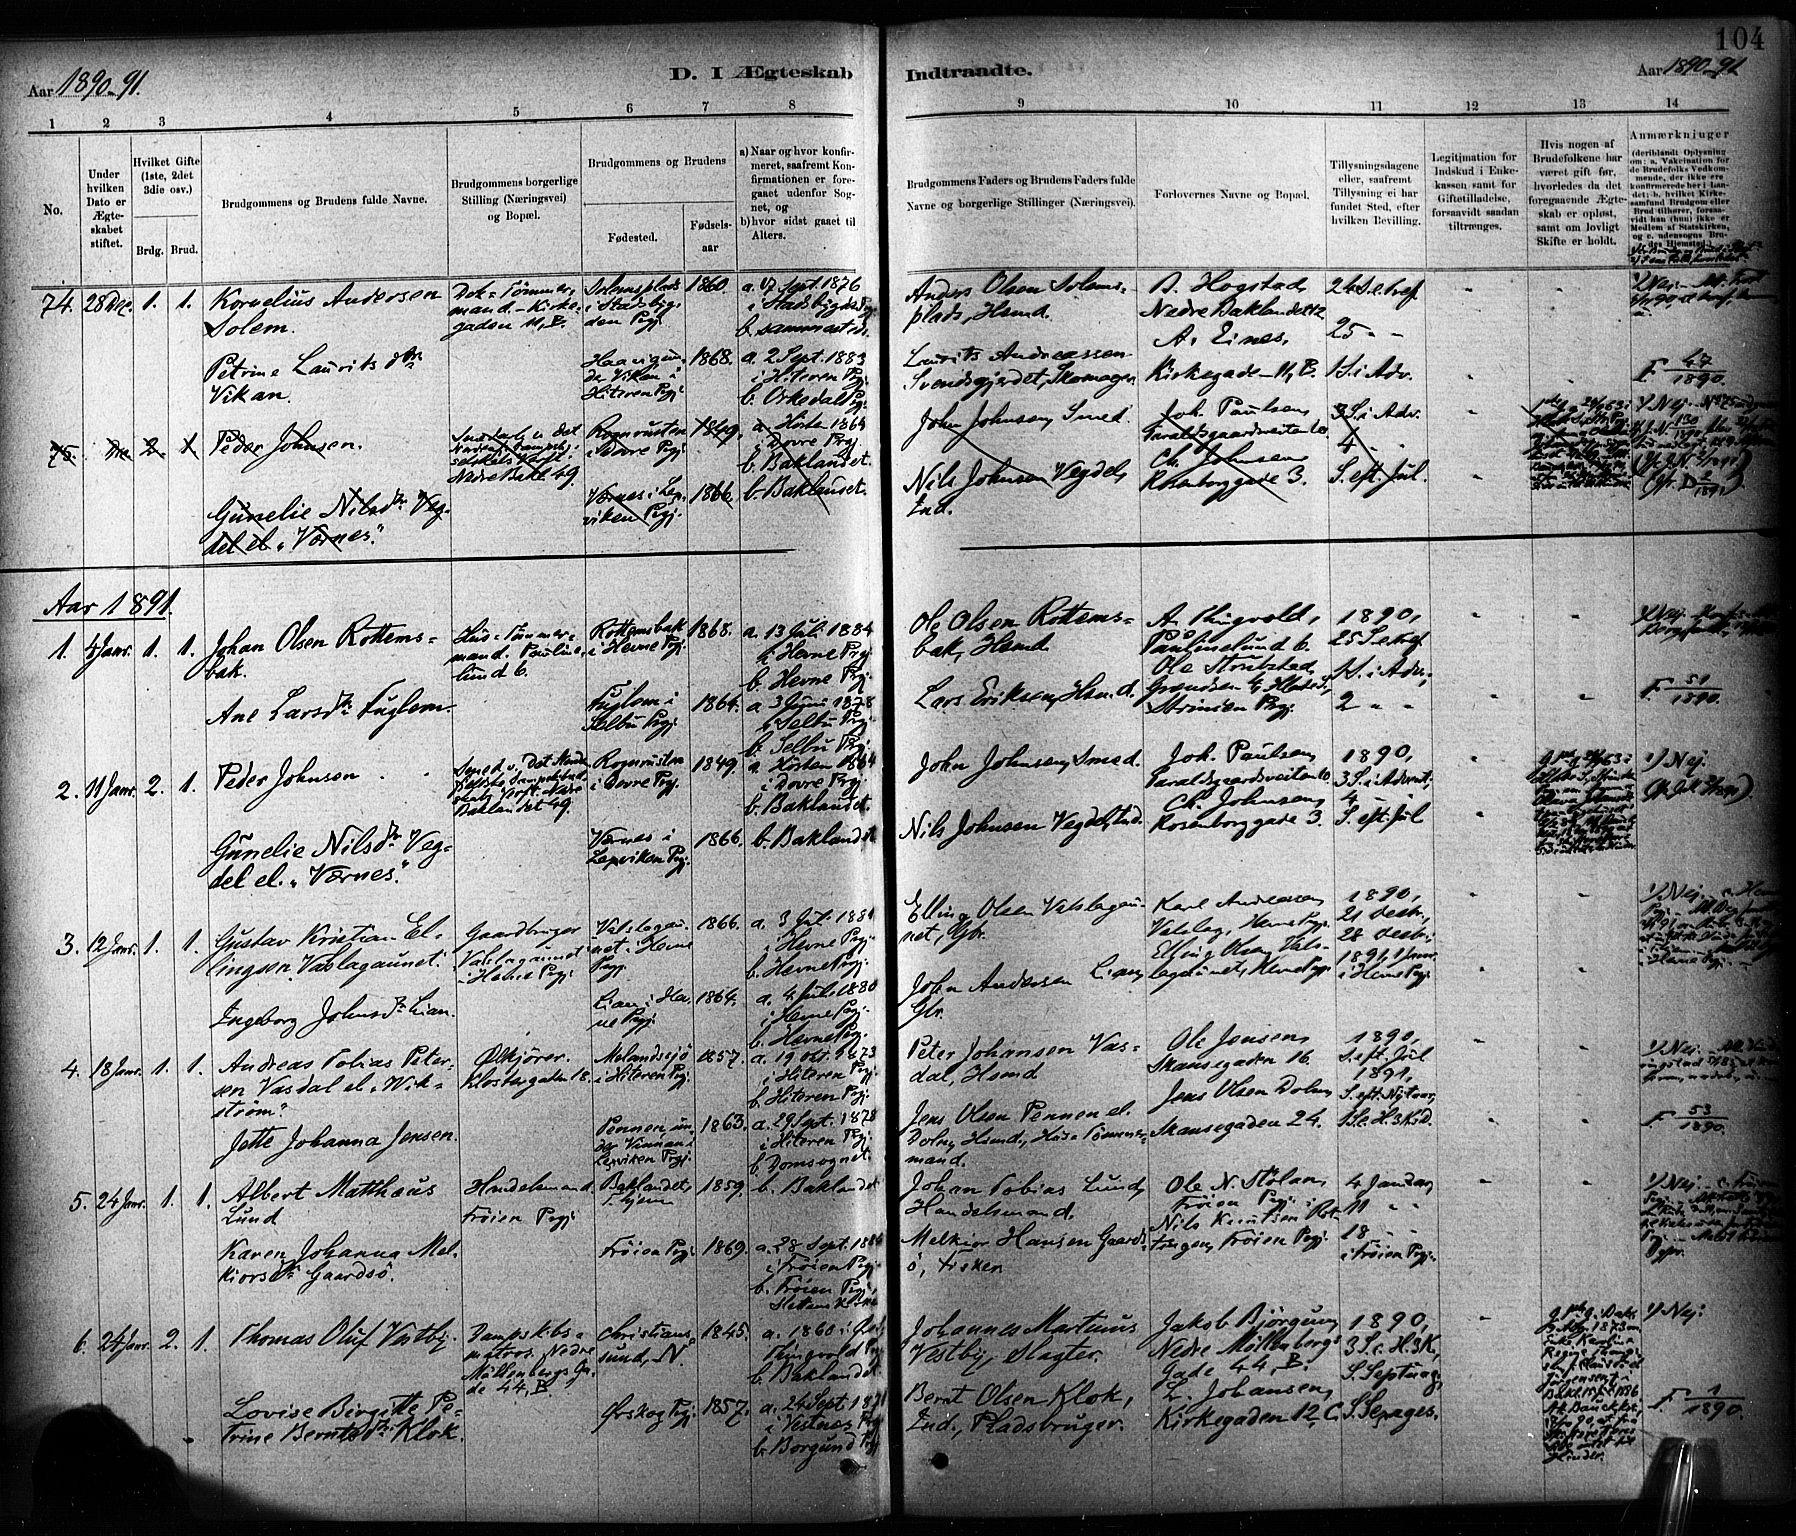 SAT, Ministerialprotokoller, klokkerbøker og fødselsregistre - Sør-Trøndelag, 604/L0189: Ministerialbok nr. 604A10, 1878-1892, s. 104